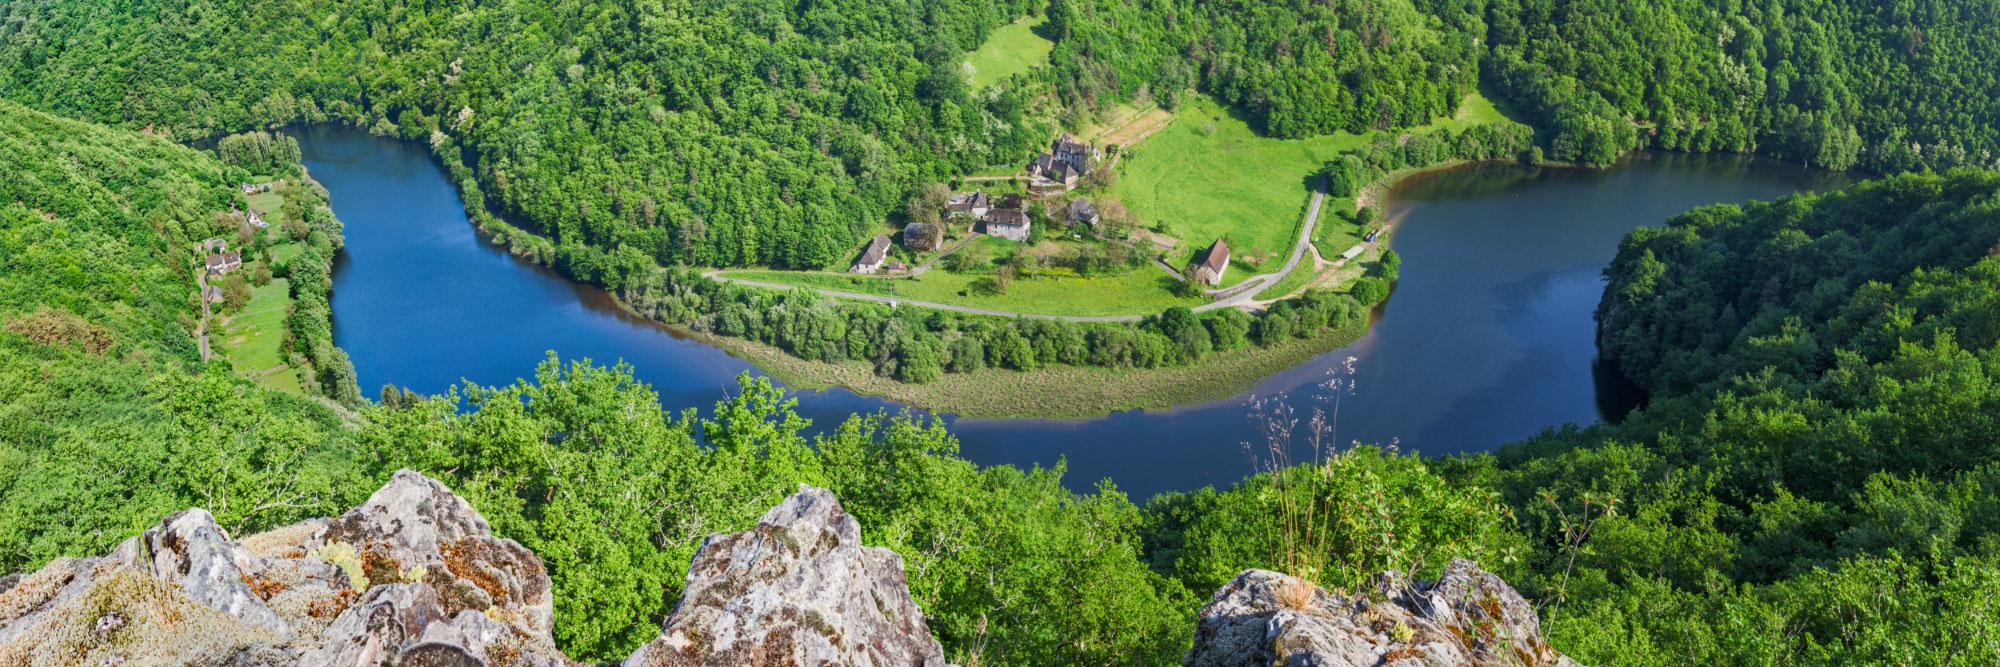 Vallée de la Dordogne, Roc Castel